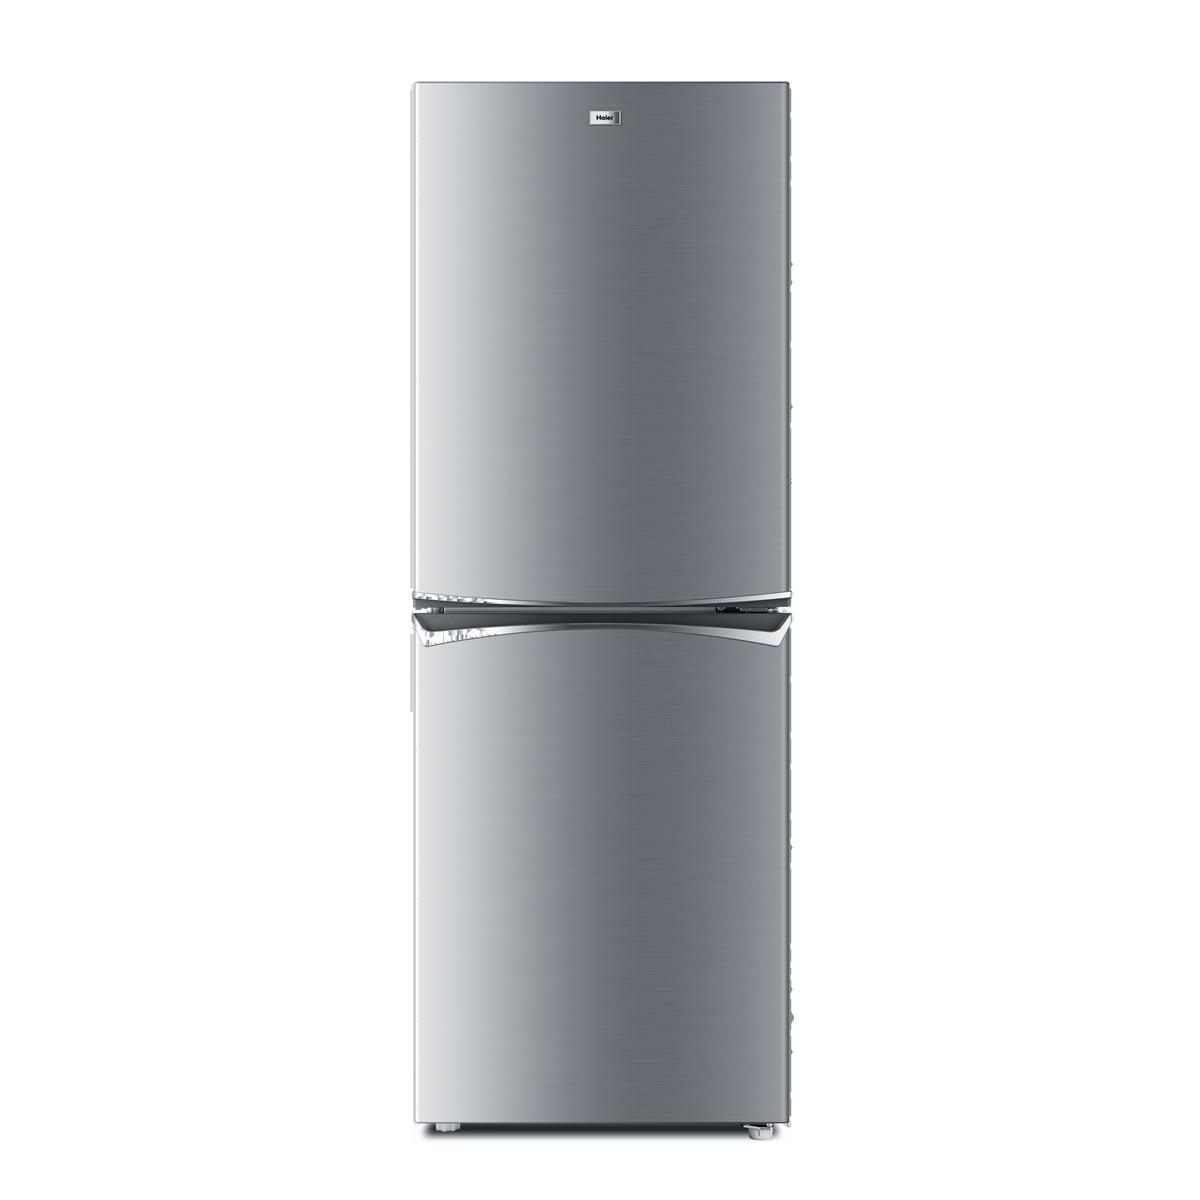 海尔Haier冰箱 BCD-206TAMJ 说明书